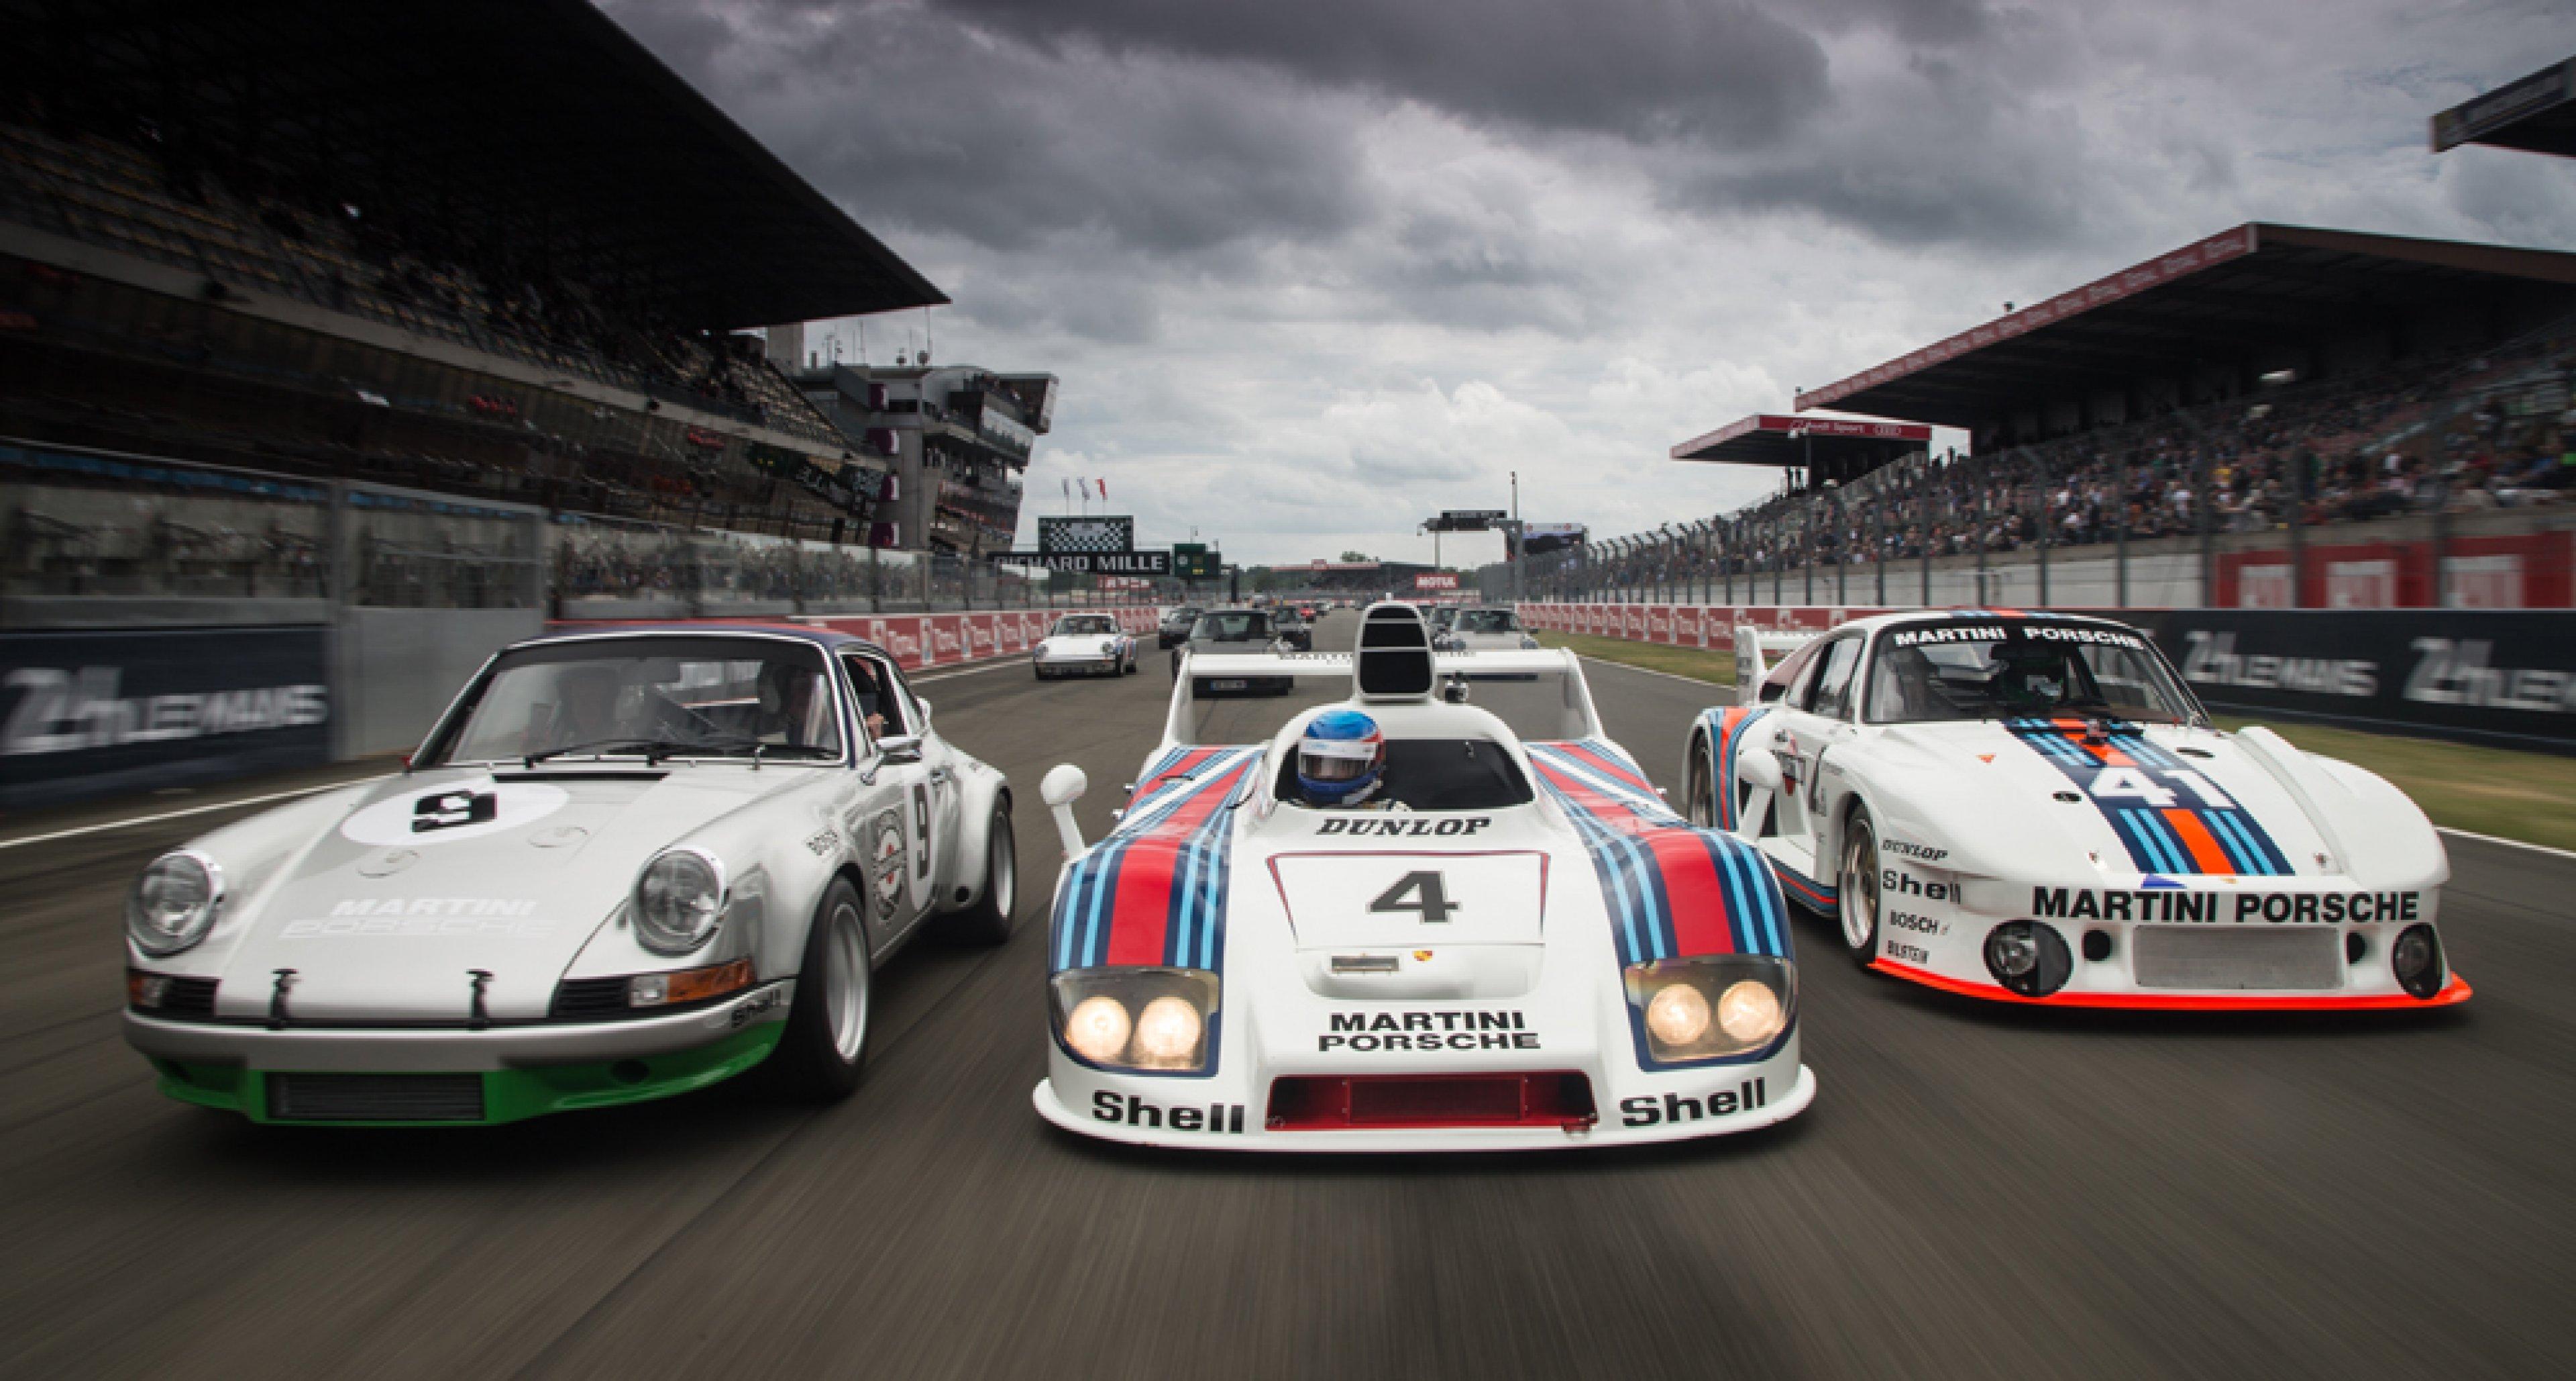 Eine Runde Le Mans Im Martini Porsche 911 Carrera Rsr